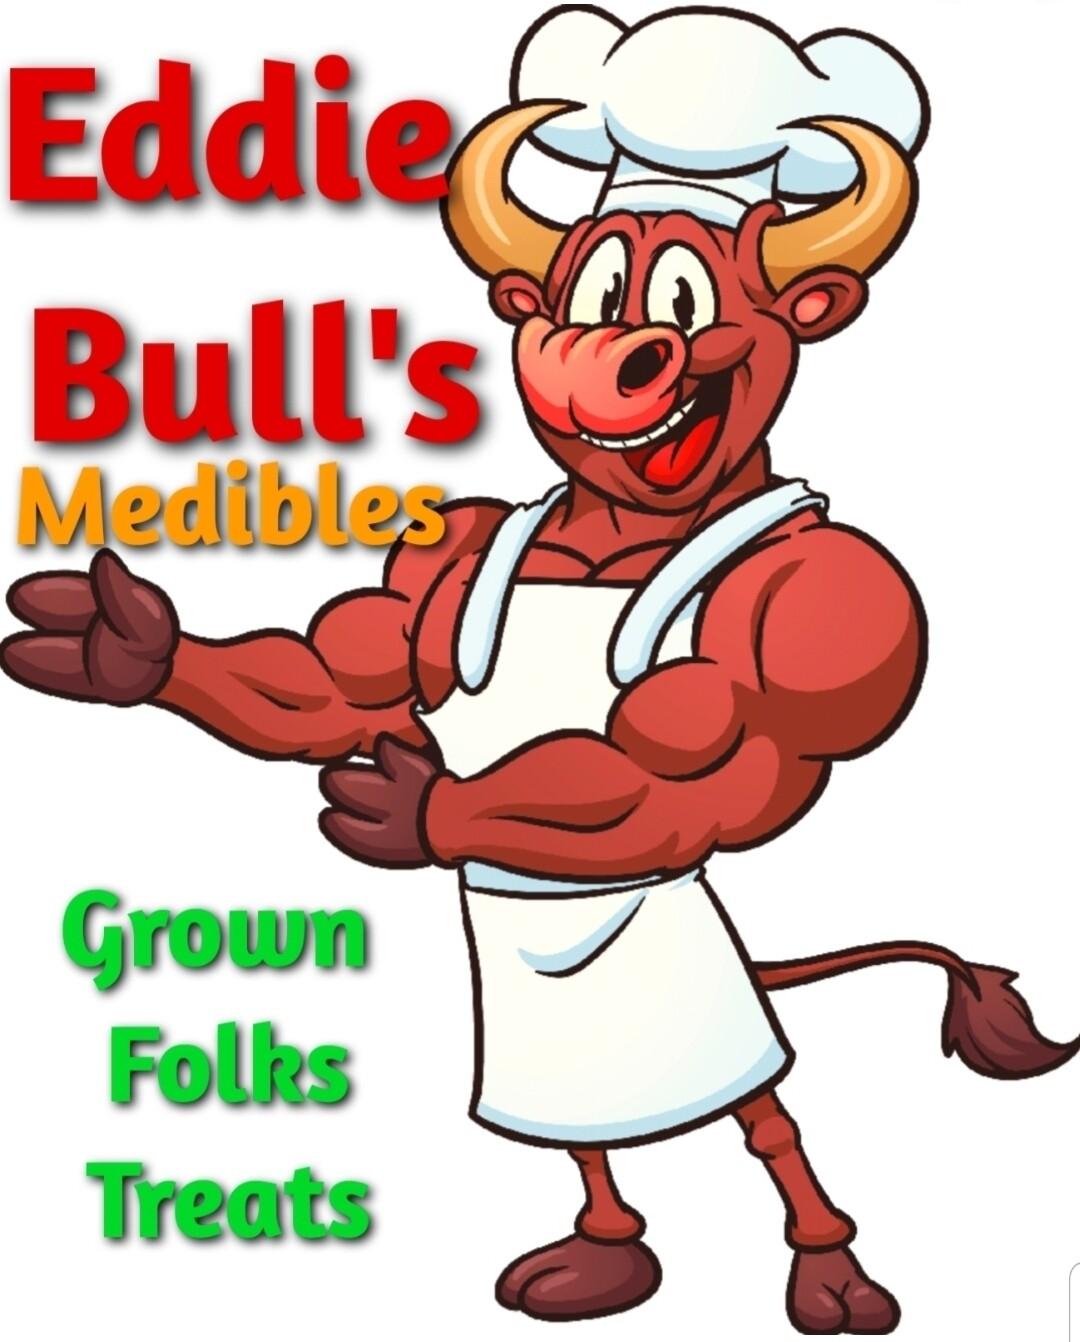 Uglee Eddie Bulls! (Randomly selected medibles)